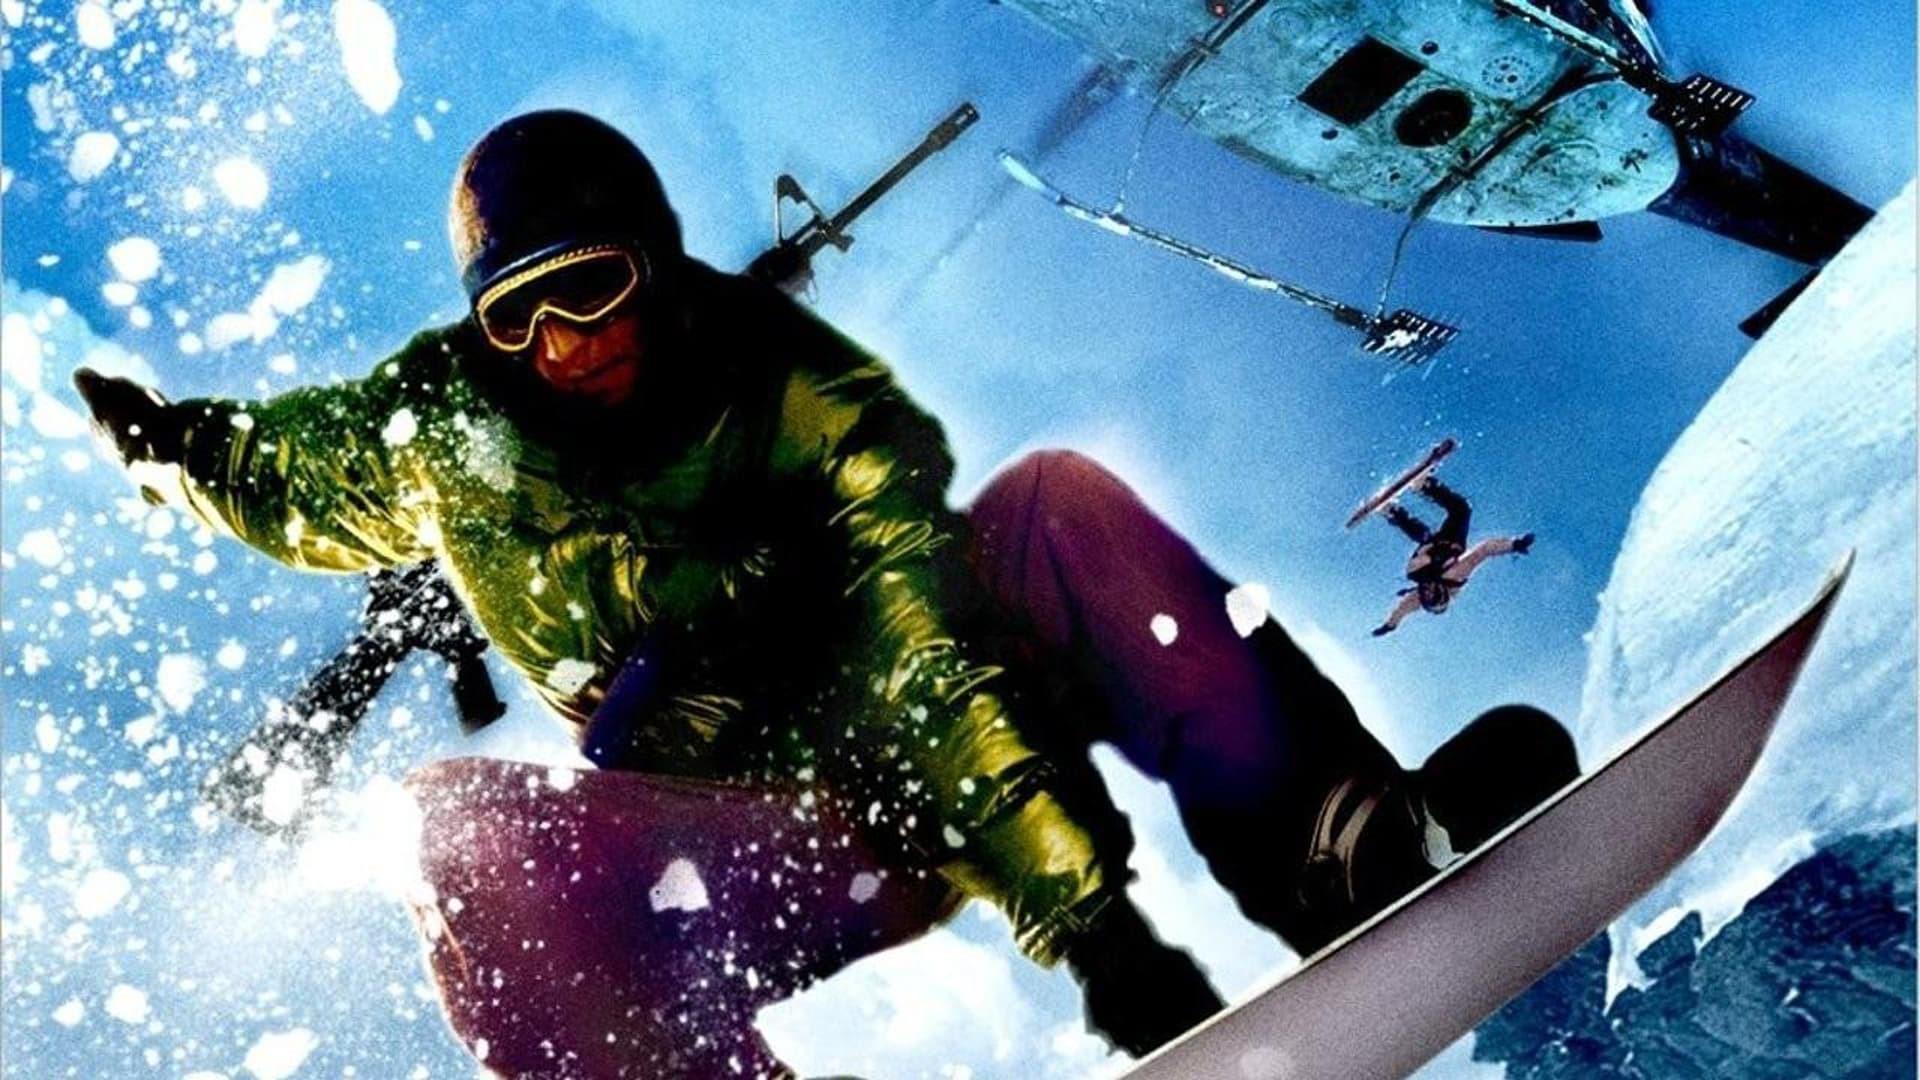 Кадры из фильма Экстремалы Extreme Ops 2002